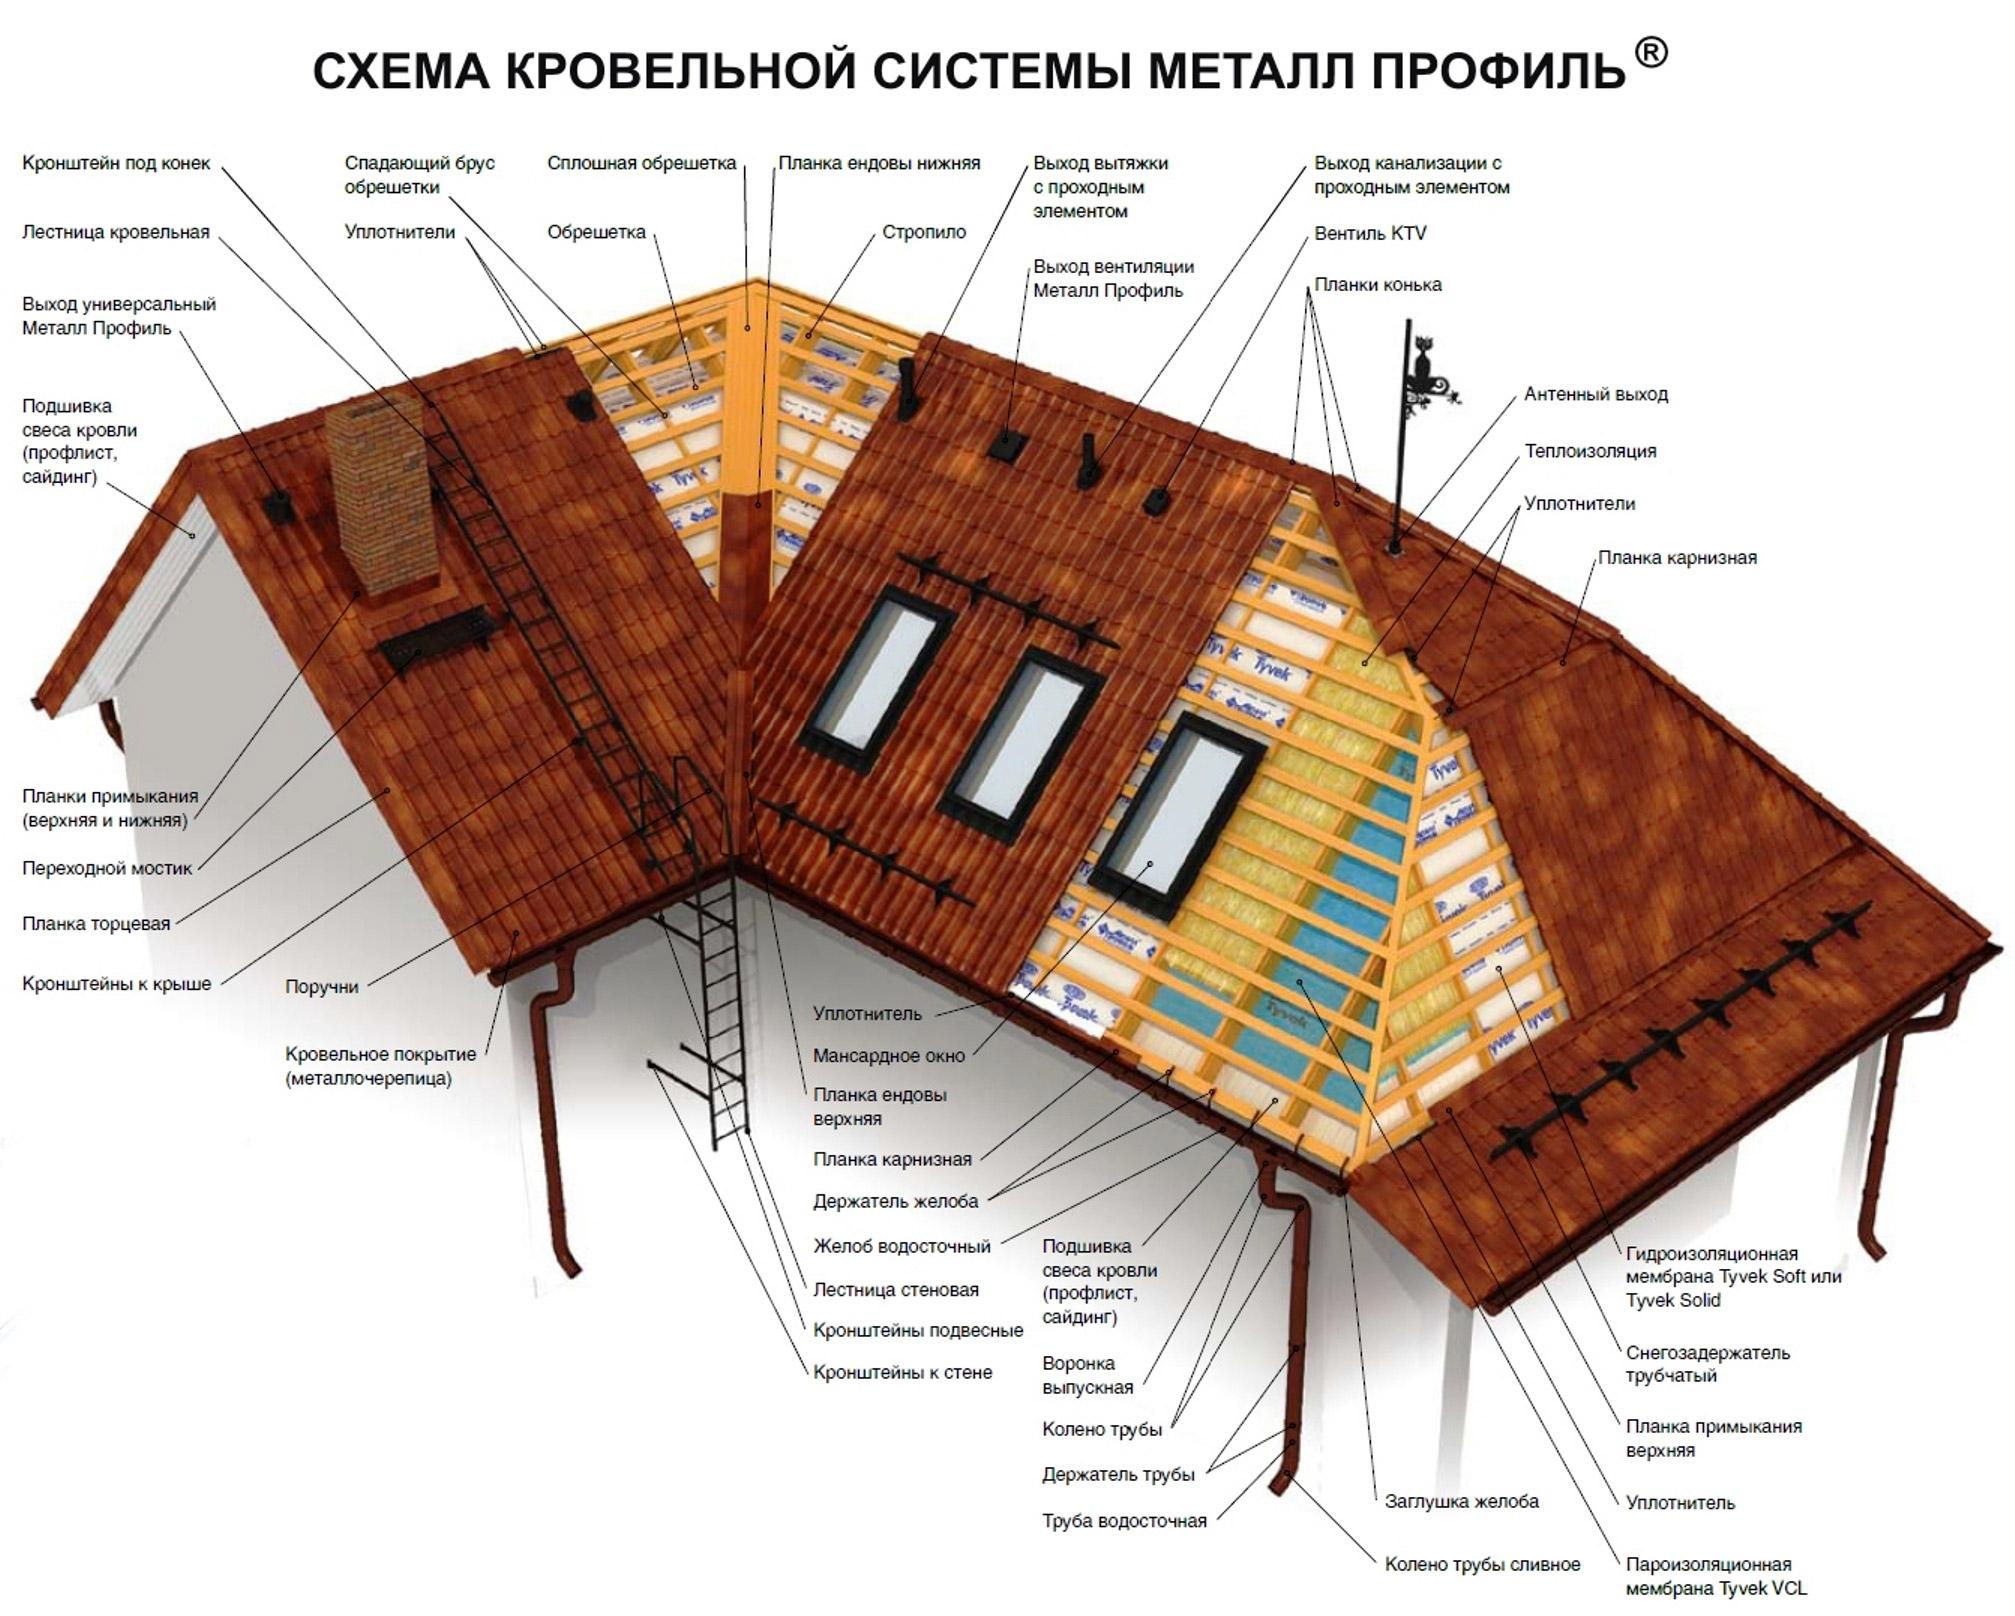 Иллюстрация устройства крыши